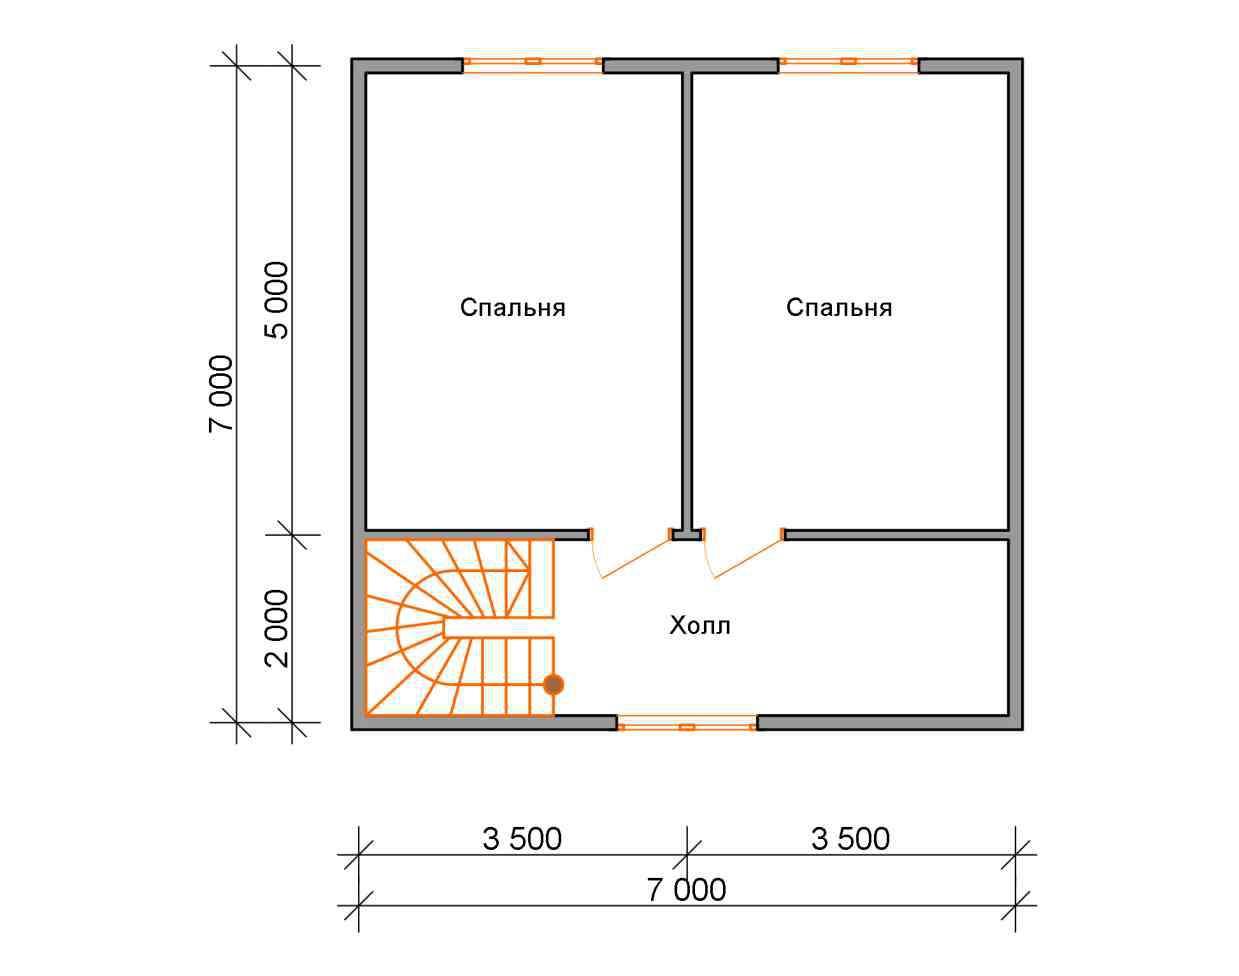 дом из бруса 7 на 9,5 план 2 этажа григорьевское